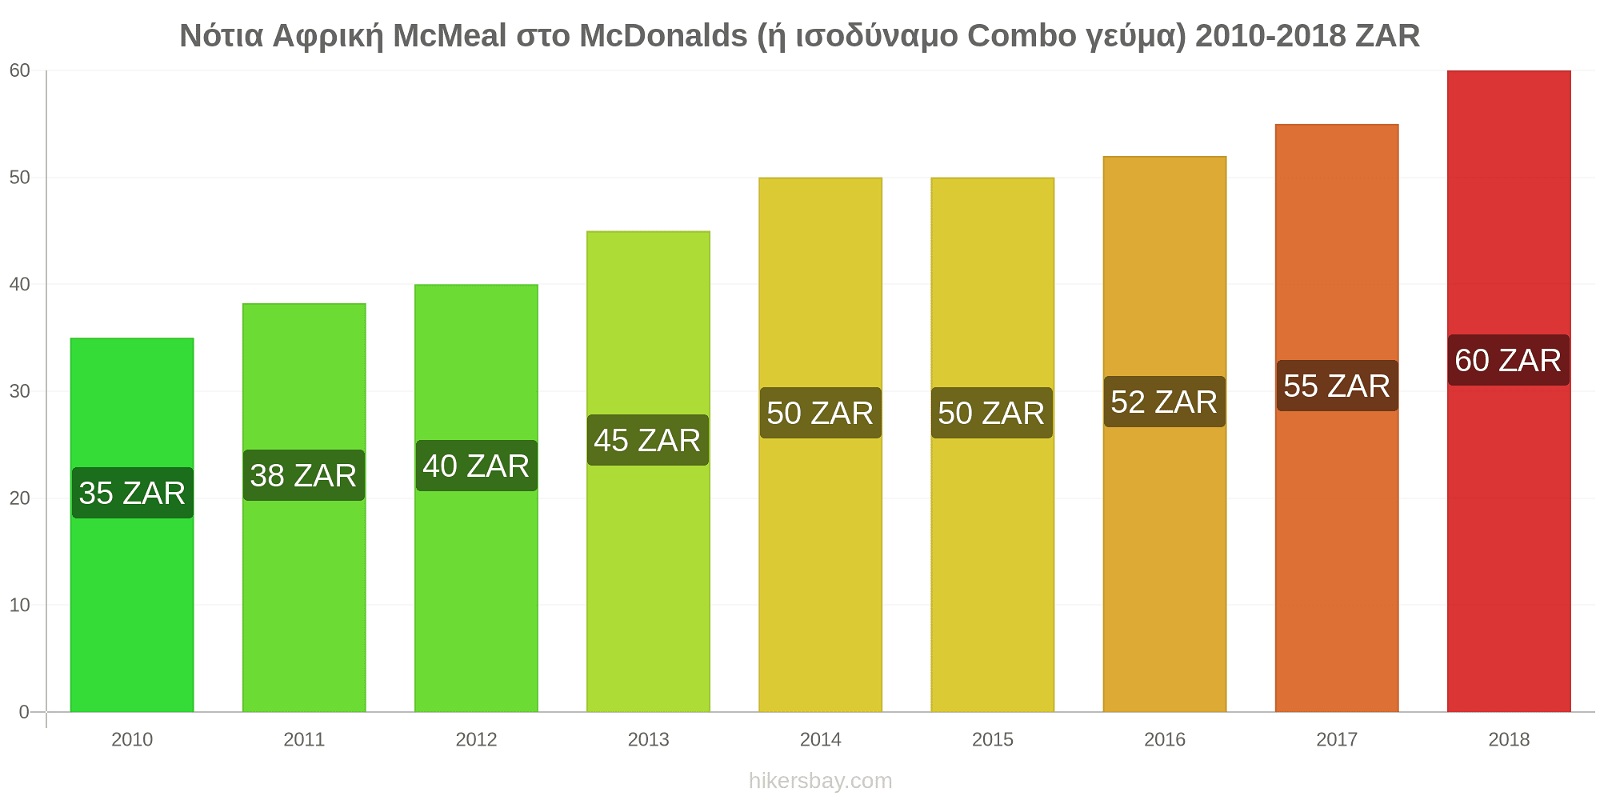 Νότια Αφρική αλλαγές τιμών McMeal στο McDonalds (ή ισοδύναμο Combo γεύμα) hikersbay.com